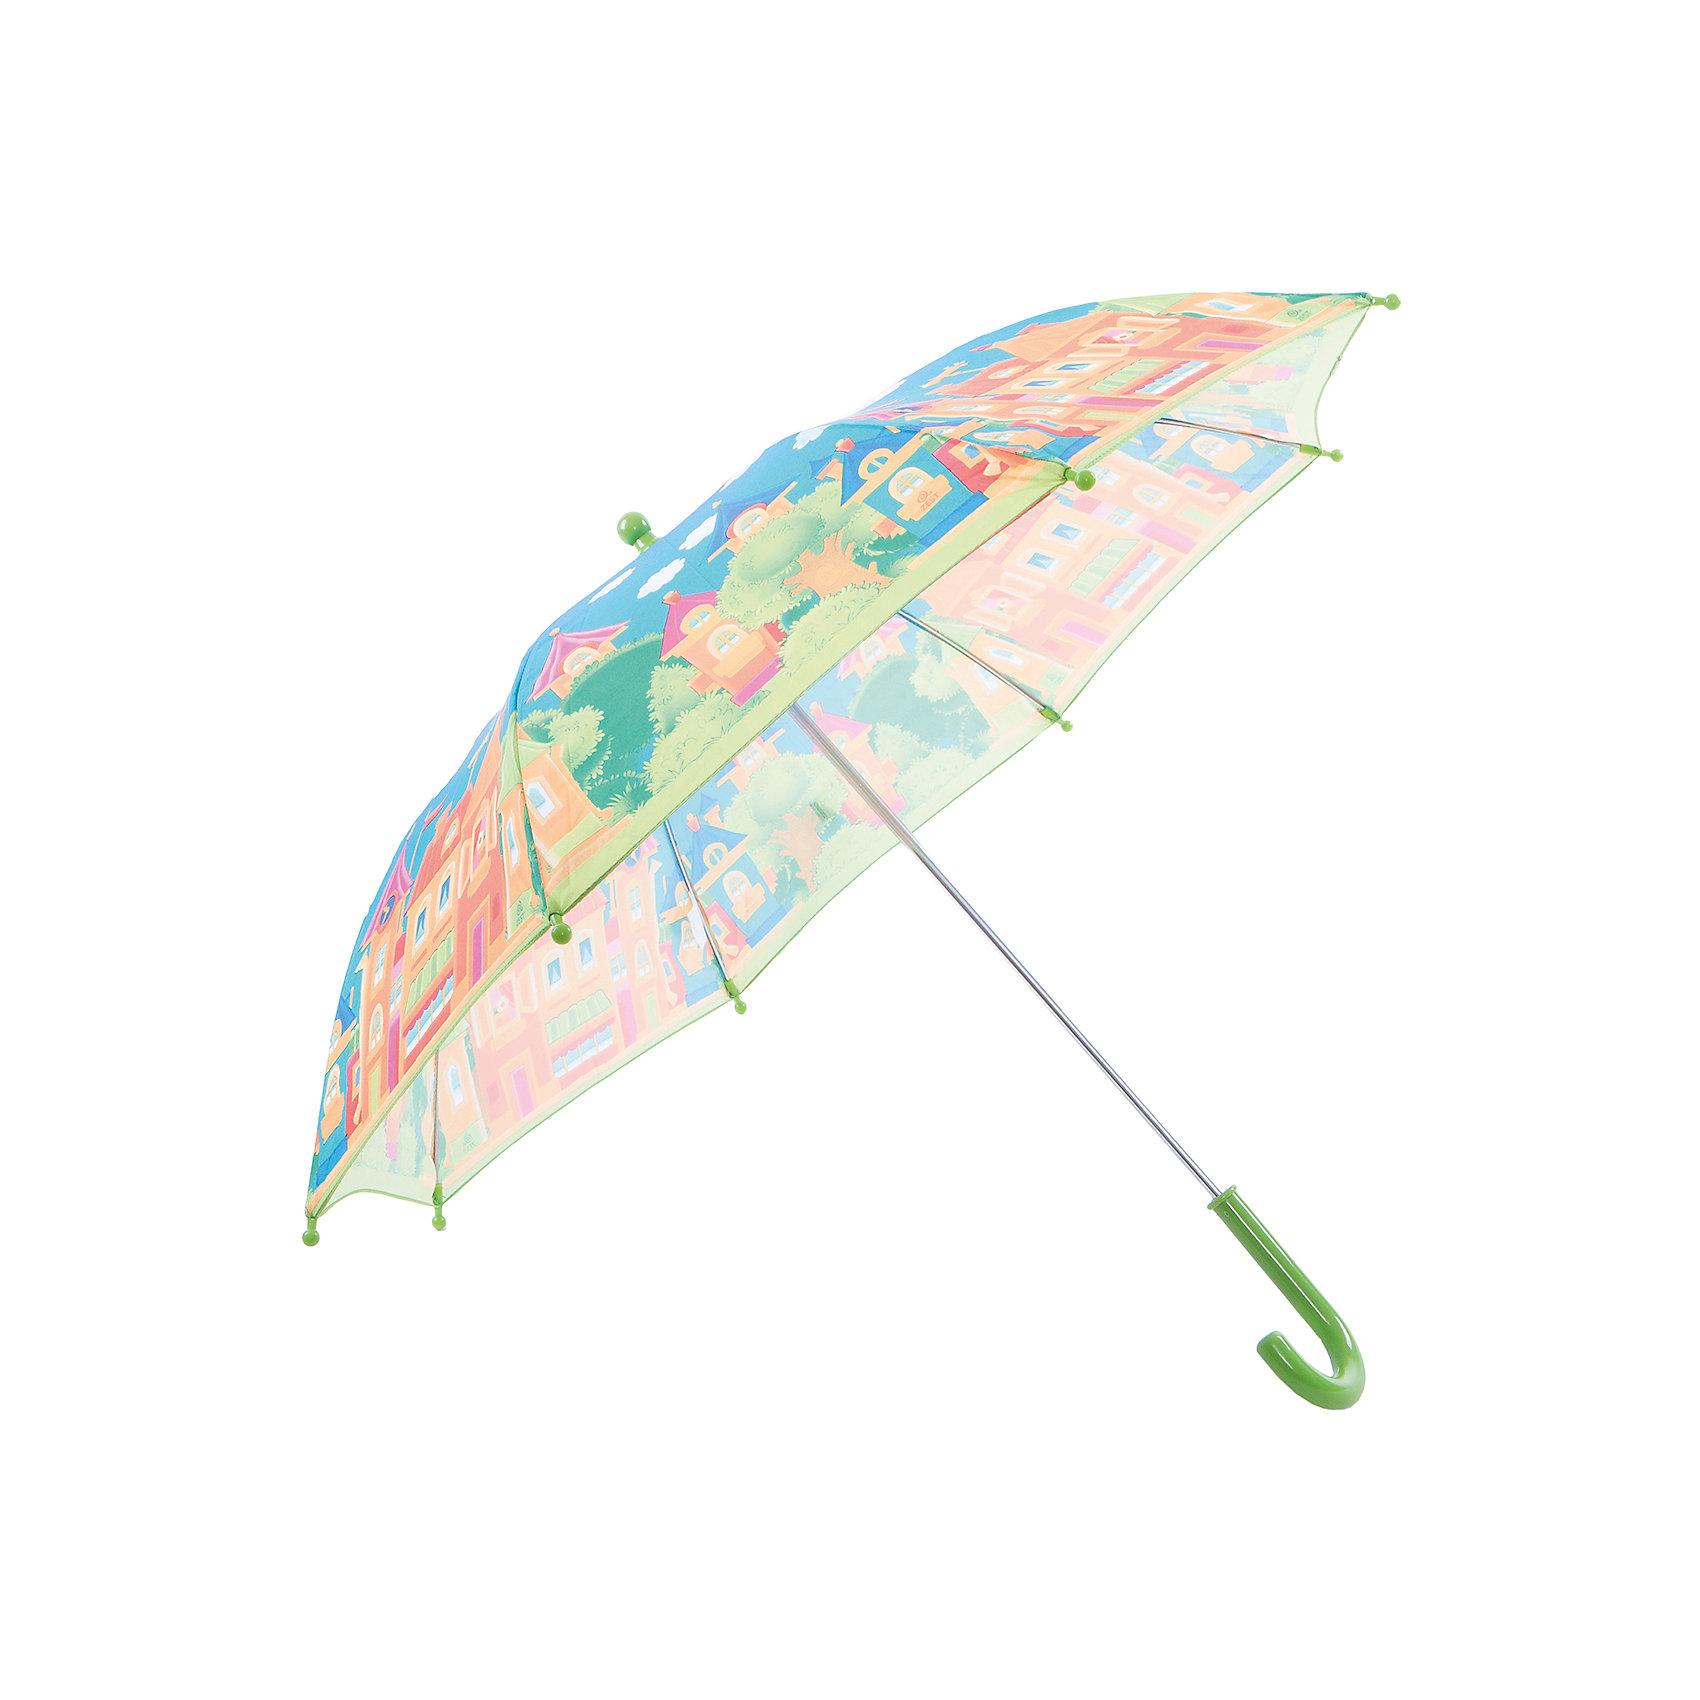 Зонт-трость, детский, без светодиодовЗонты детские<br>Красочный детский зонтик Zest 81561, трость, механика, 8 спиц, купол 72 см, материал купола полиэстер, ручка зонта из пластика, материал каркаса - сталь. Концы спиц зонтика прикрыты специальными колпачками. ВЕТРОУСТОЙЧИВАЯ КОНСТРУКЦИЯ. Внимание! В сильный ветер не эксплуатировать! Зонт может сломаться. Гарантия 6 месяцев, срок службы 5 лет.<br><br>Ширина мм: 680<br>Глубина мм: 0<br>Высота мм: 0<br>Вес г: 310<br>Возраст от месяцев: 36<br>Возраст до месяцев: 2147483647<br>Пол: Унисекс<br>Возраст: Детский<br>SKU: 5511993